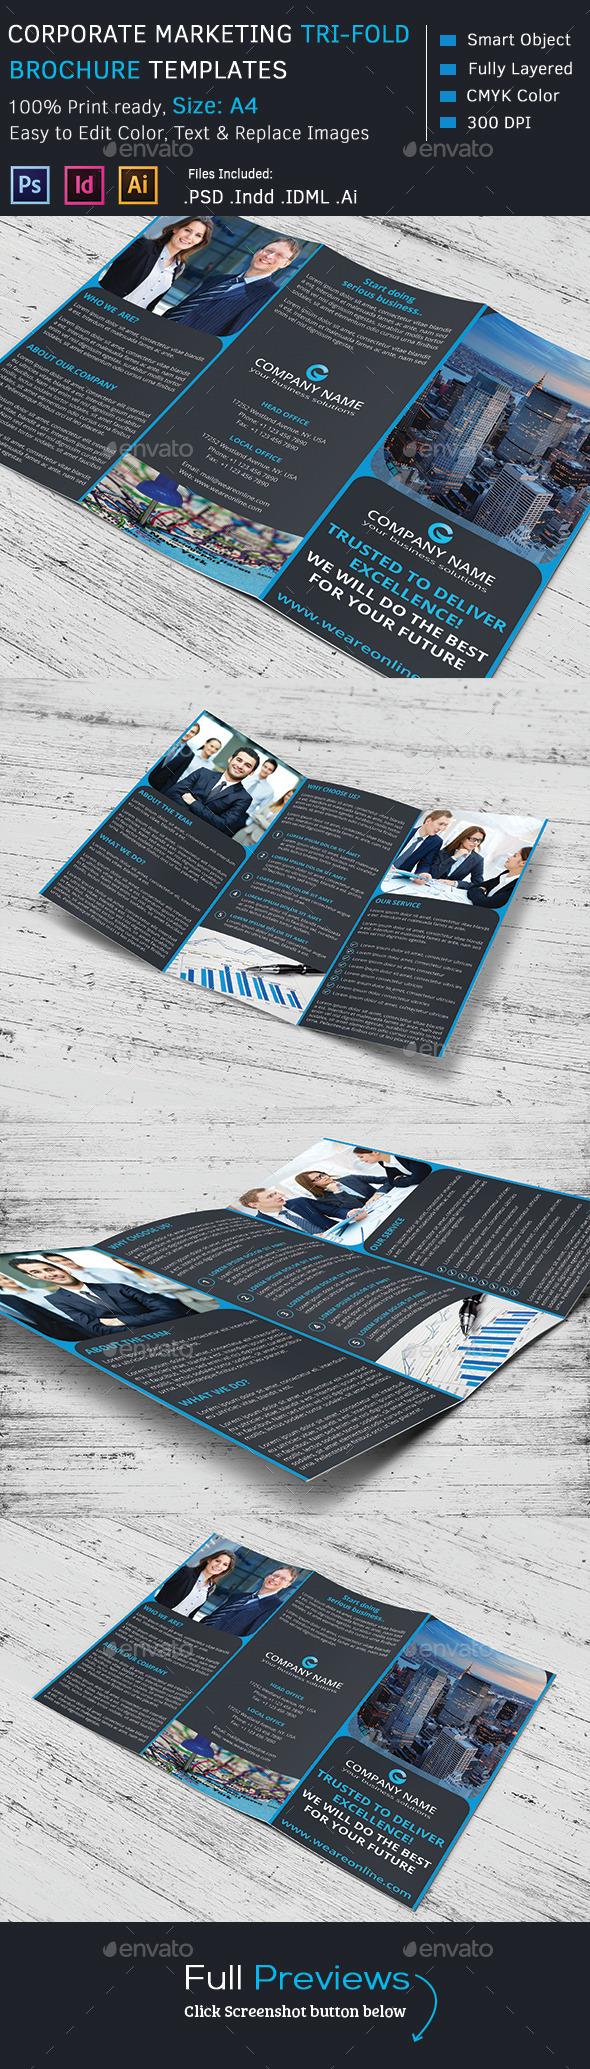 GraphicRiver Corporate Marketing Tri-Fold Brochure 9196199